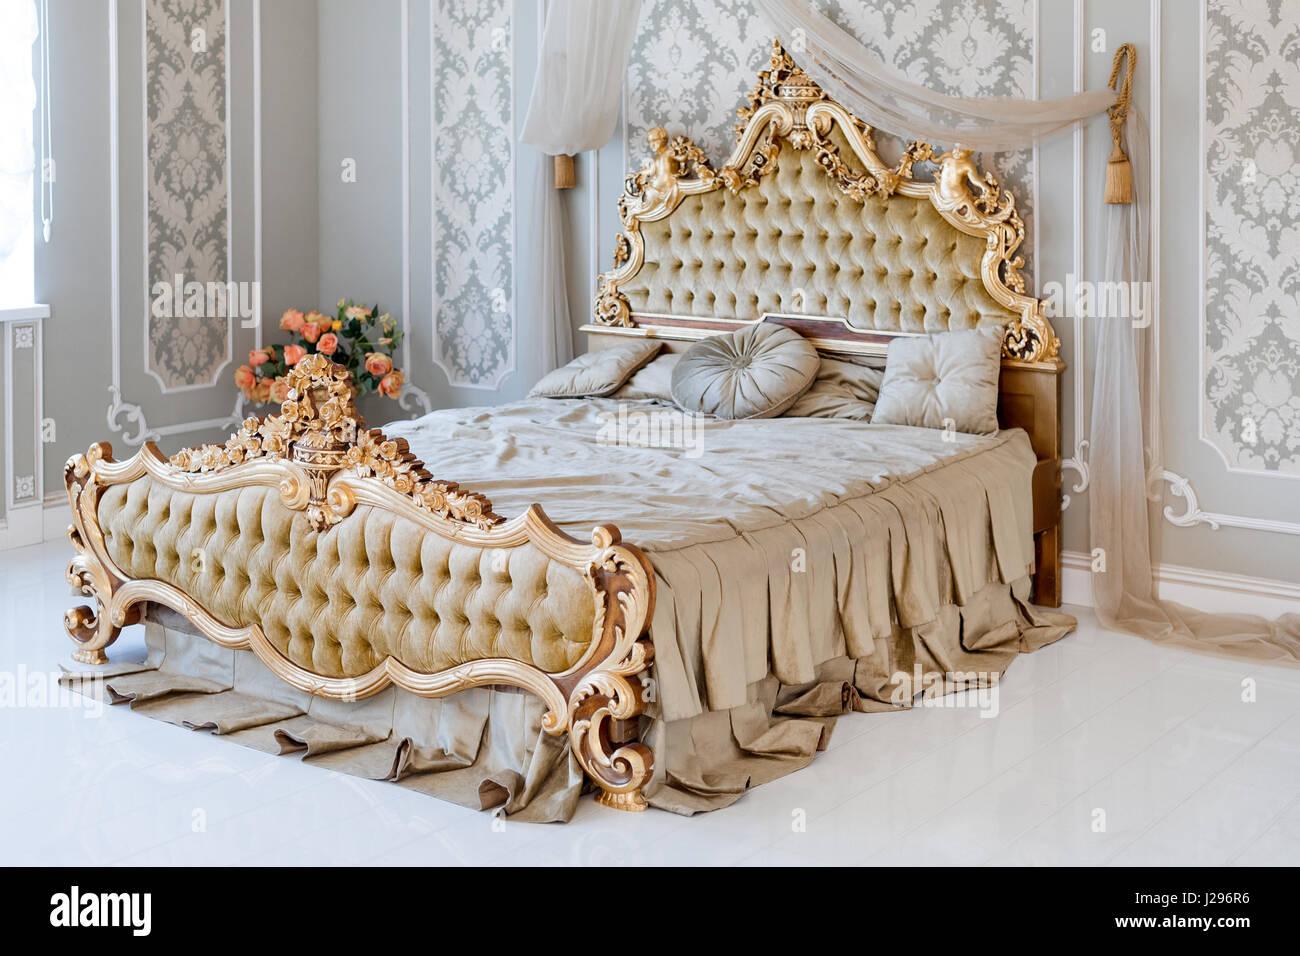 luxus schlafzimmer in hellen farben mit goldenen möbel details, Schlafzimmer entwurf